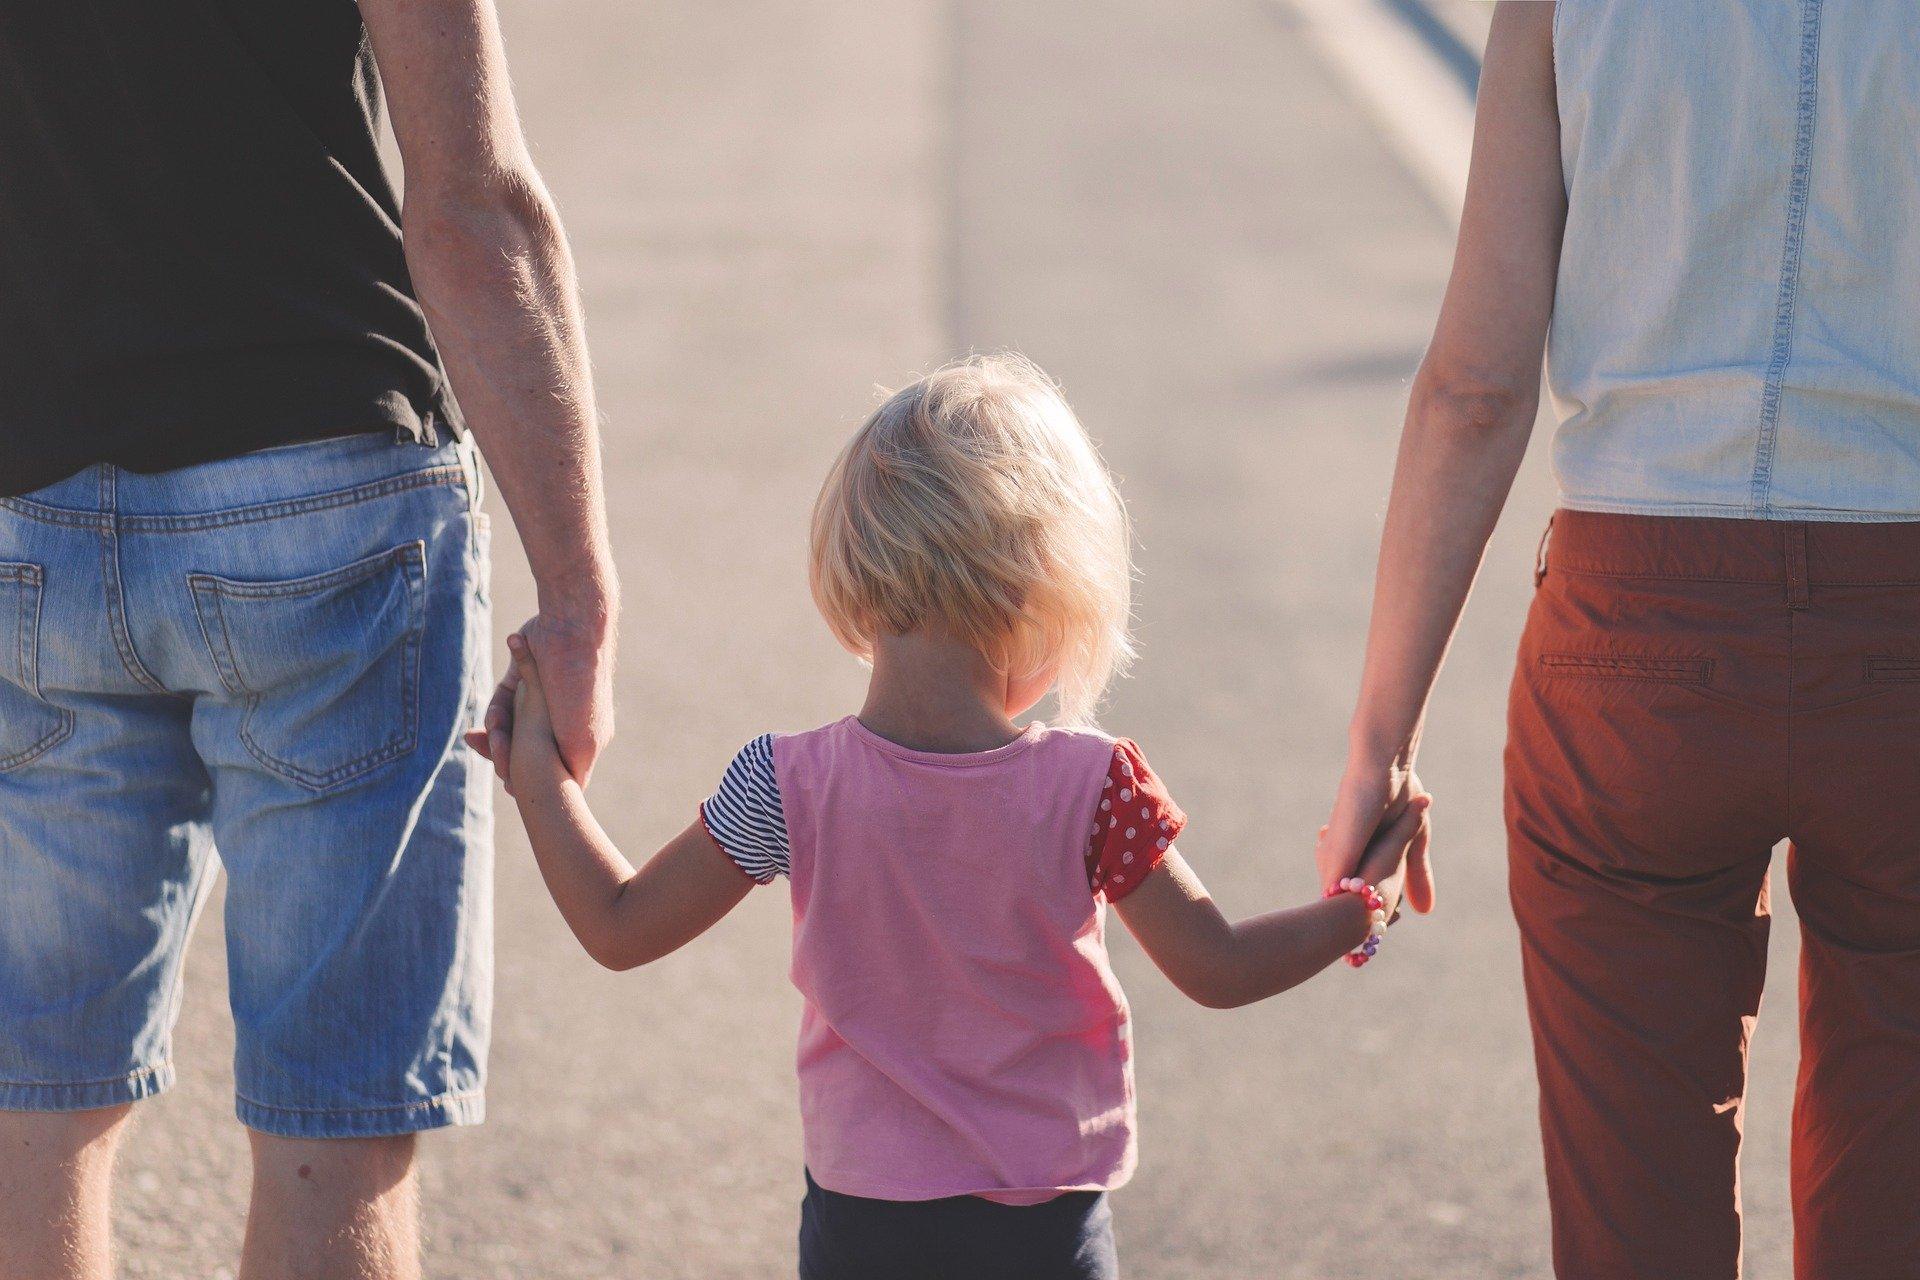 Ανάδοχοι γονείς – επίδομα έως 1.200 ευρώ: Οι δικαιούχοι και η πλατφόρμα paidi.gov.gr